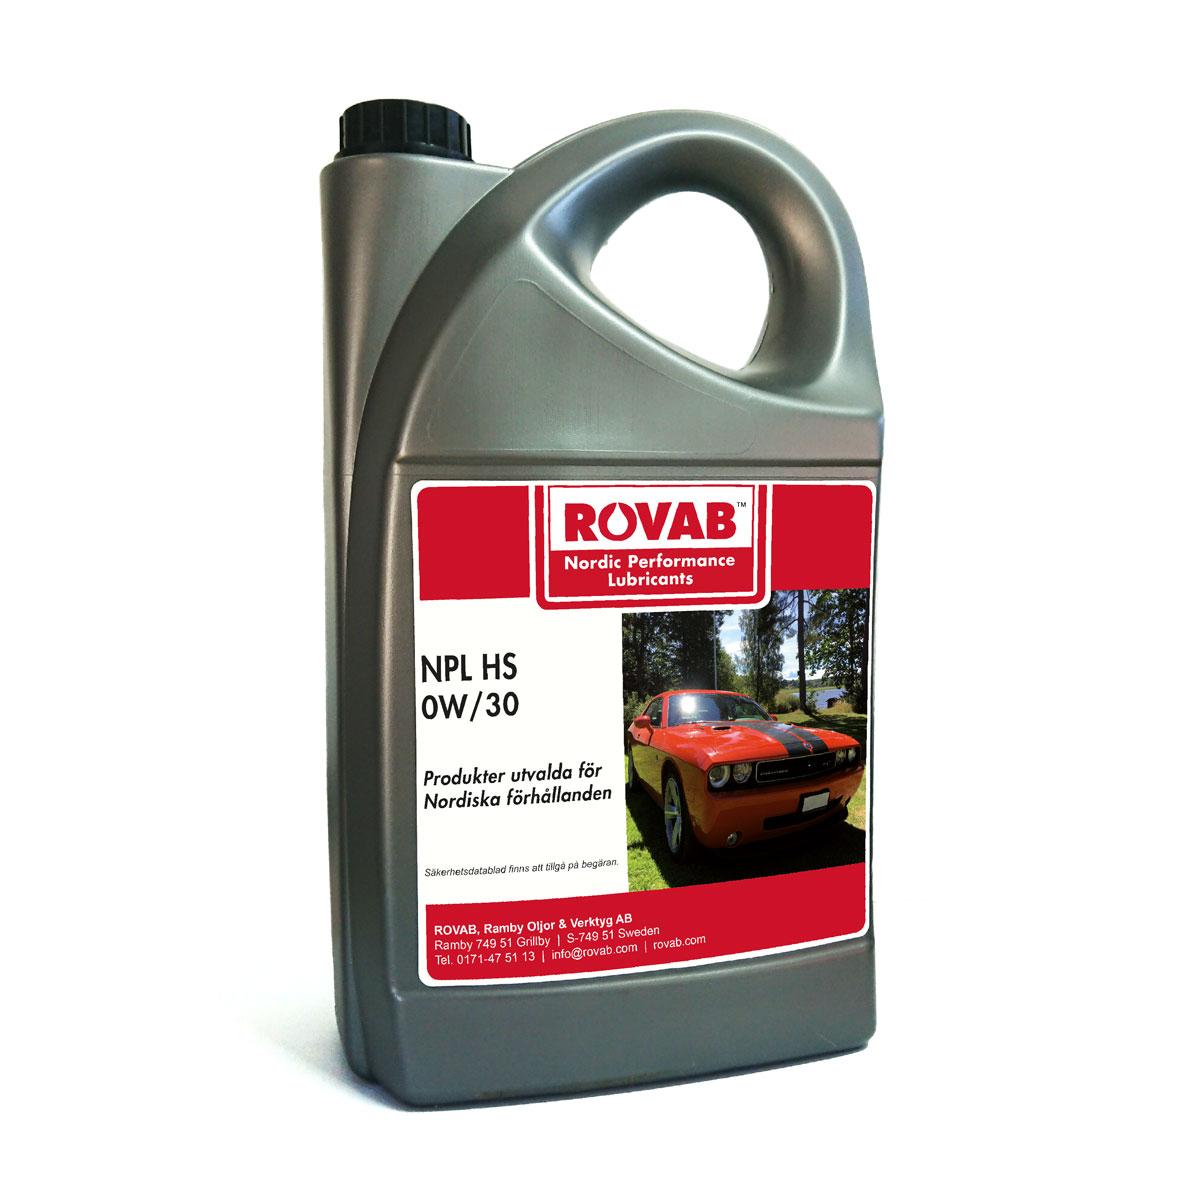 NPL HS 0W30 motorolja 5 liter